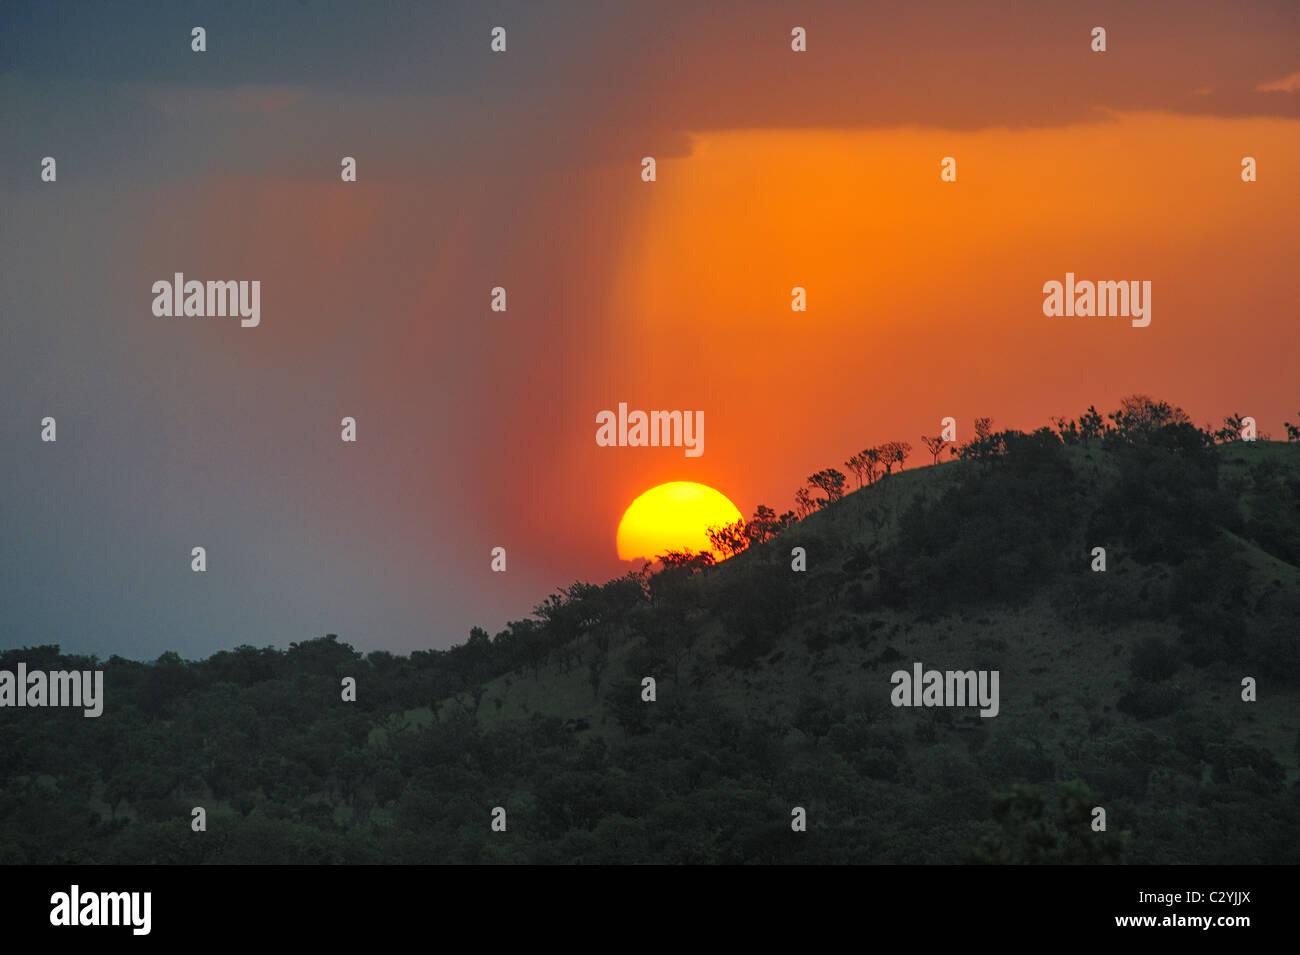 Untergehende Sonne über Hügel von Boma-Nationalpark, Sudan Stockbild